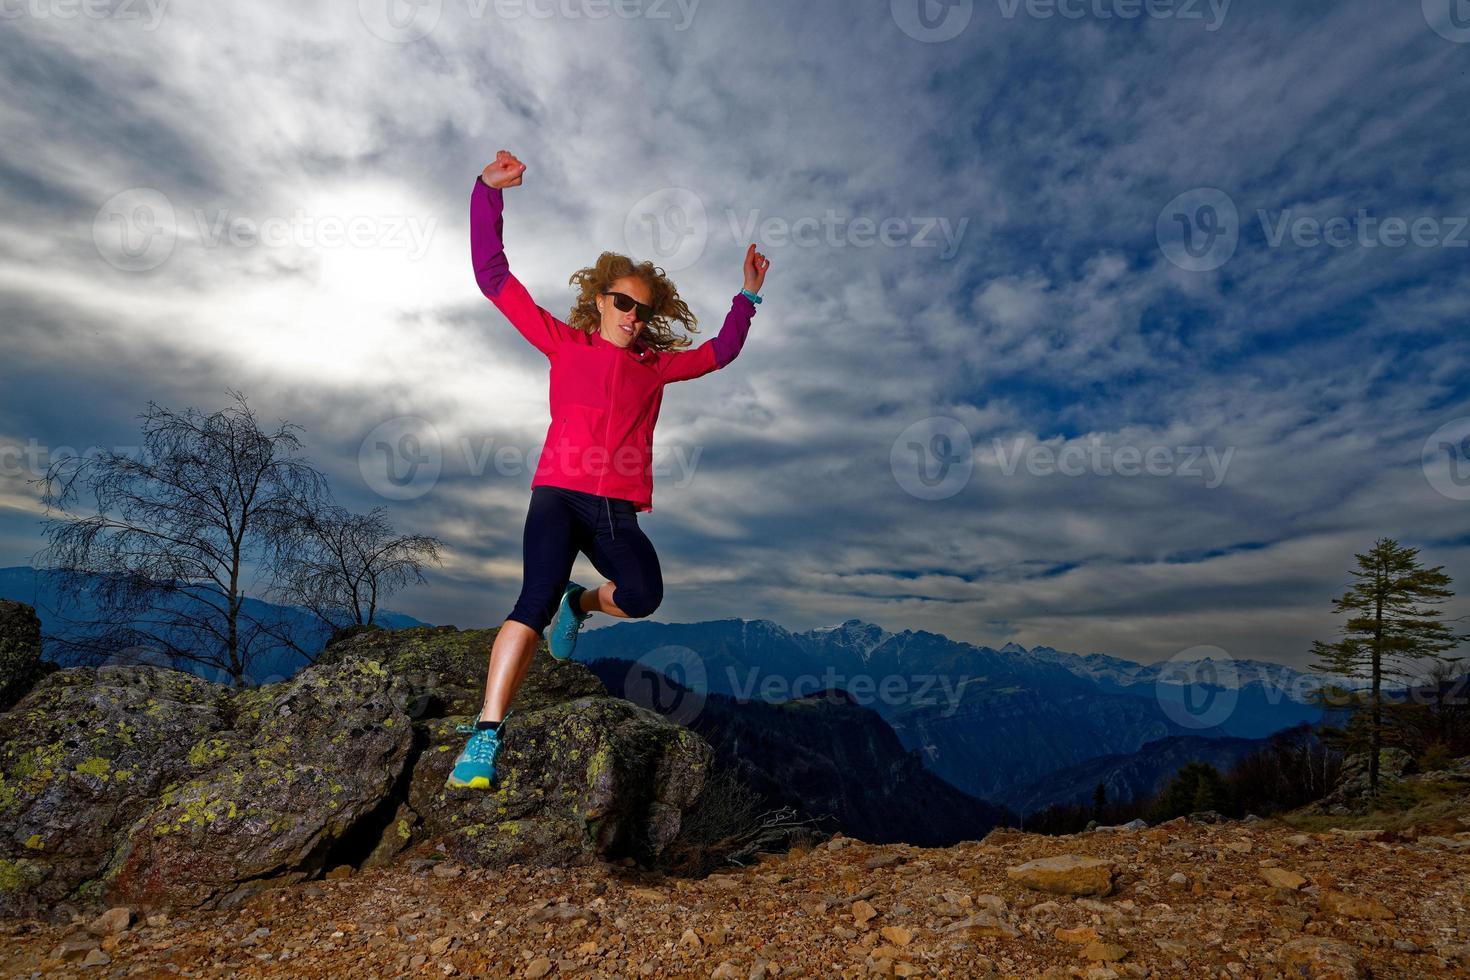 ragazza salta dalle rocce in montagna durante un allenamento foto